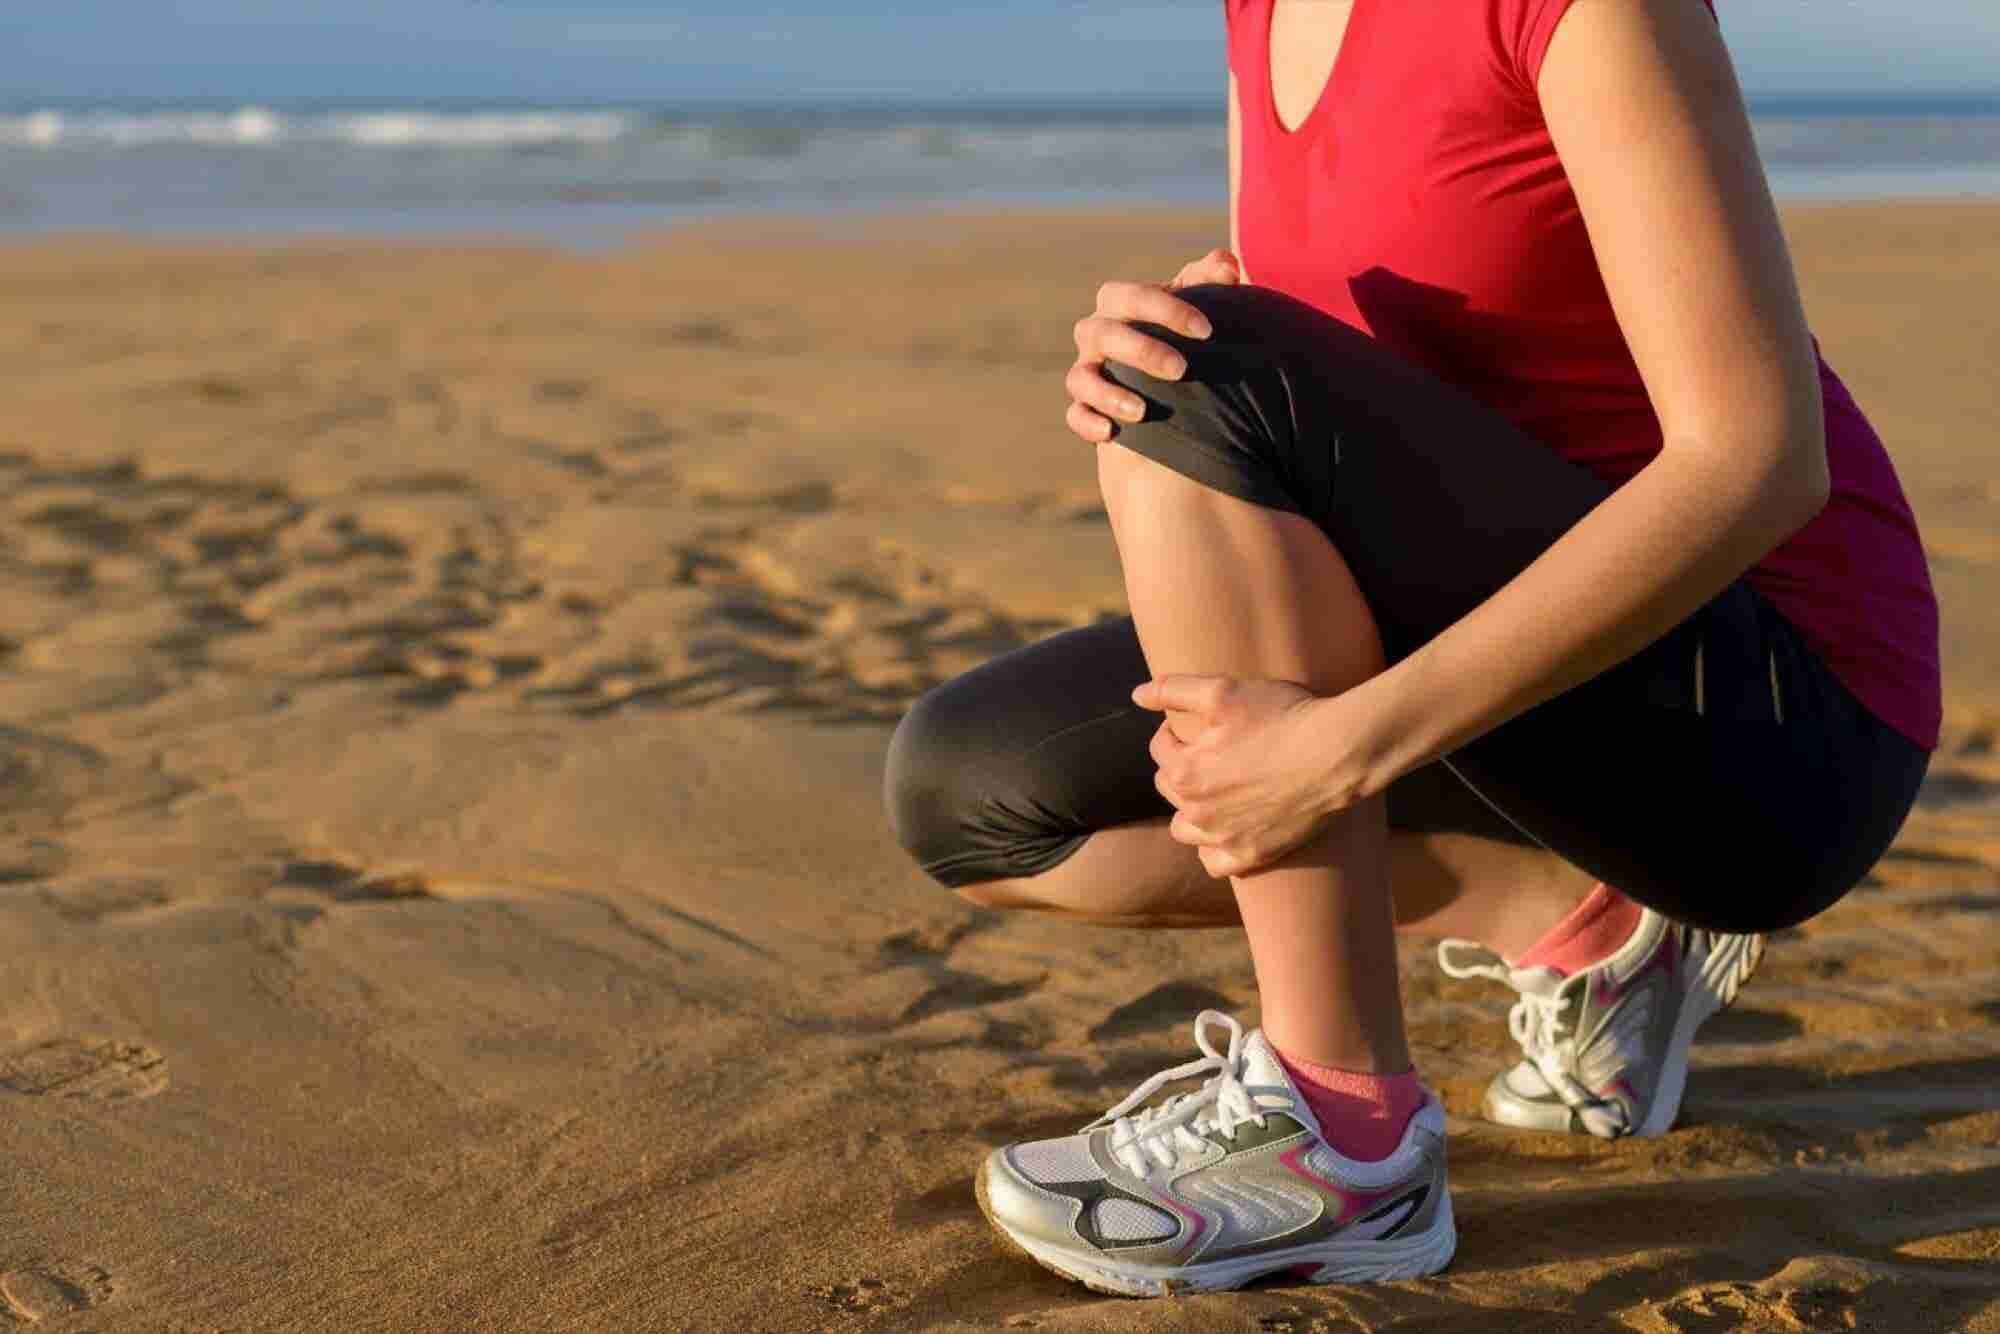 Las 6 reglas de oro para correr sin lesionarte